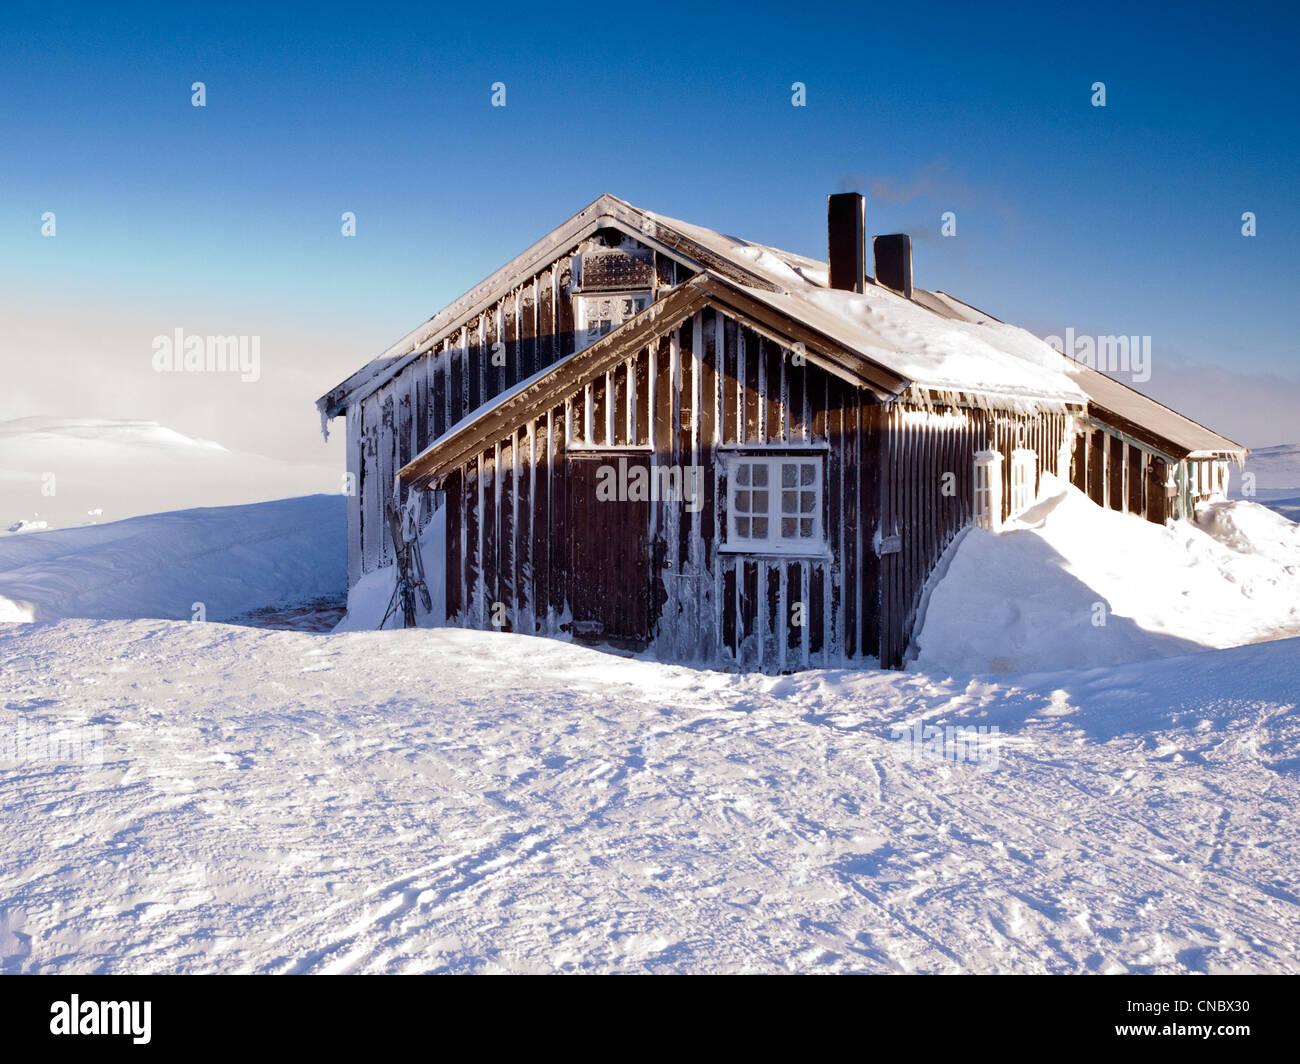 Cabaña de montaña noruego operado por el DNT, la Asociación Noruega de trekking Imagen De Stock